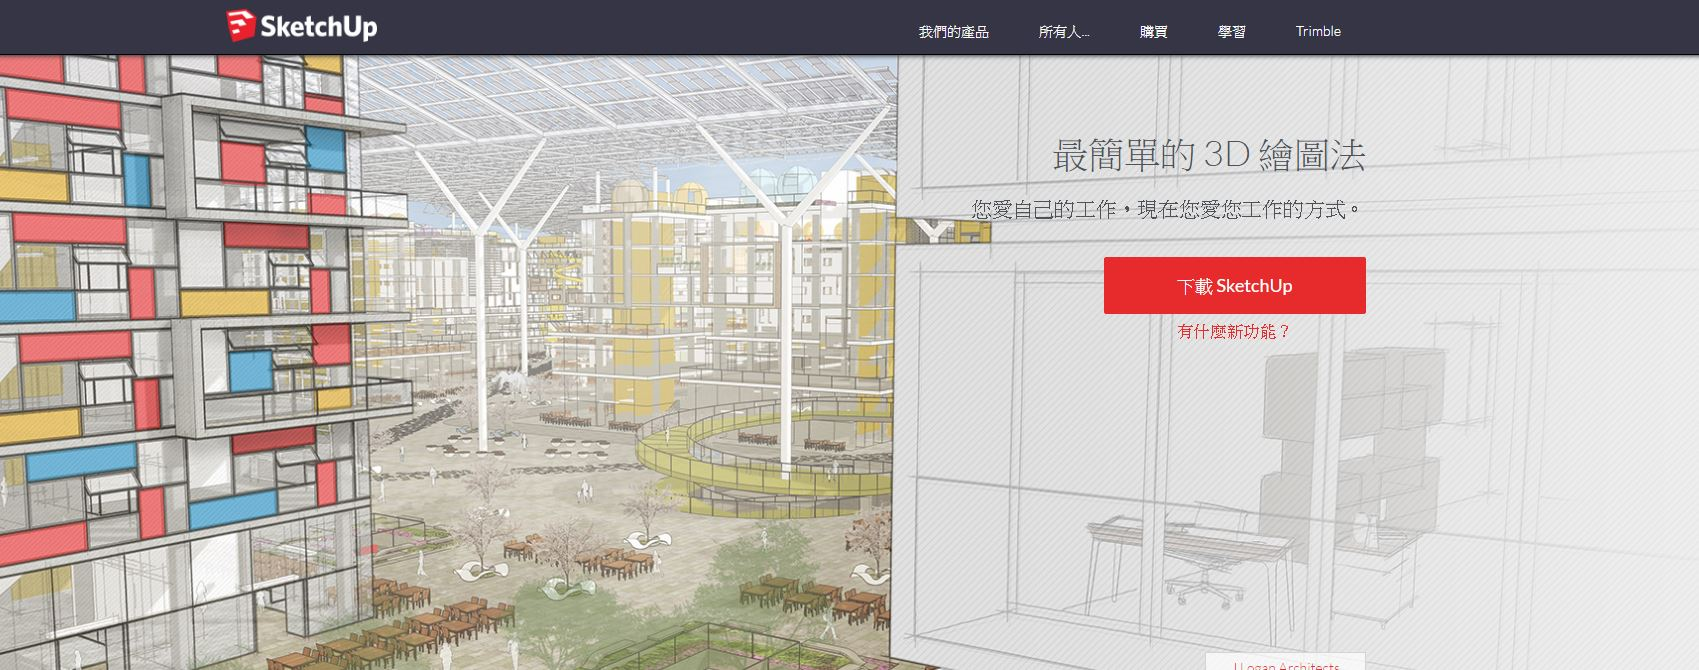 線上3D 建模自由軟體 – 逢甲大學3D列印研究發展中心